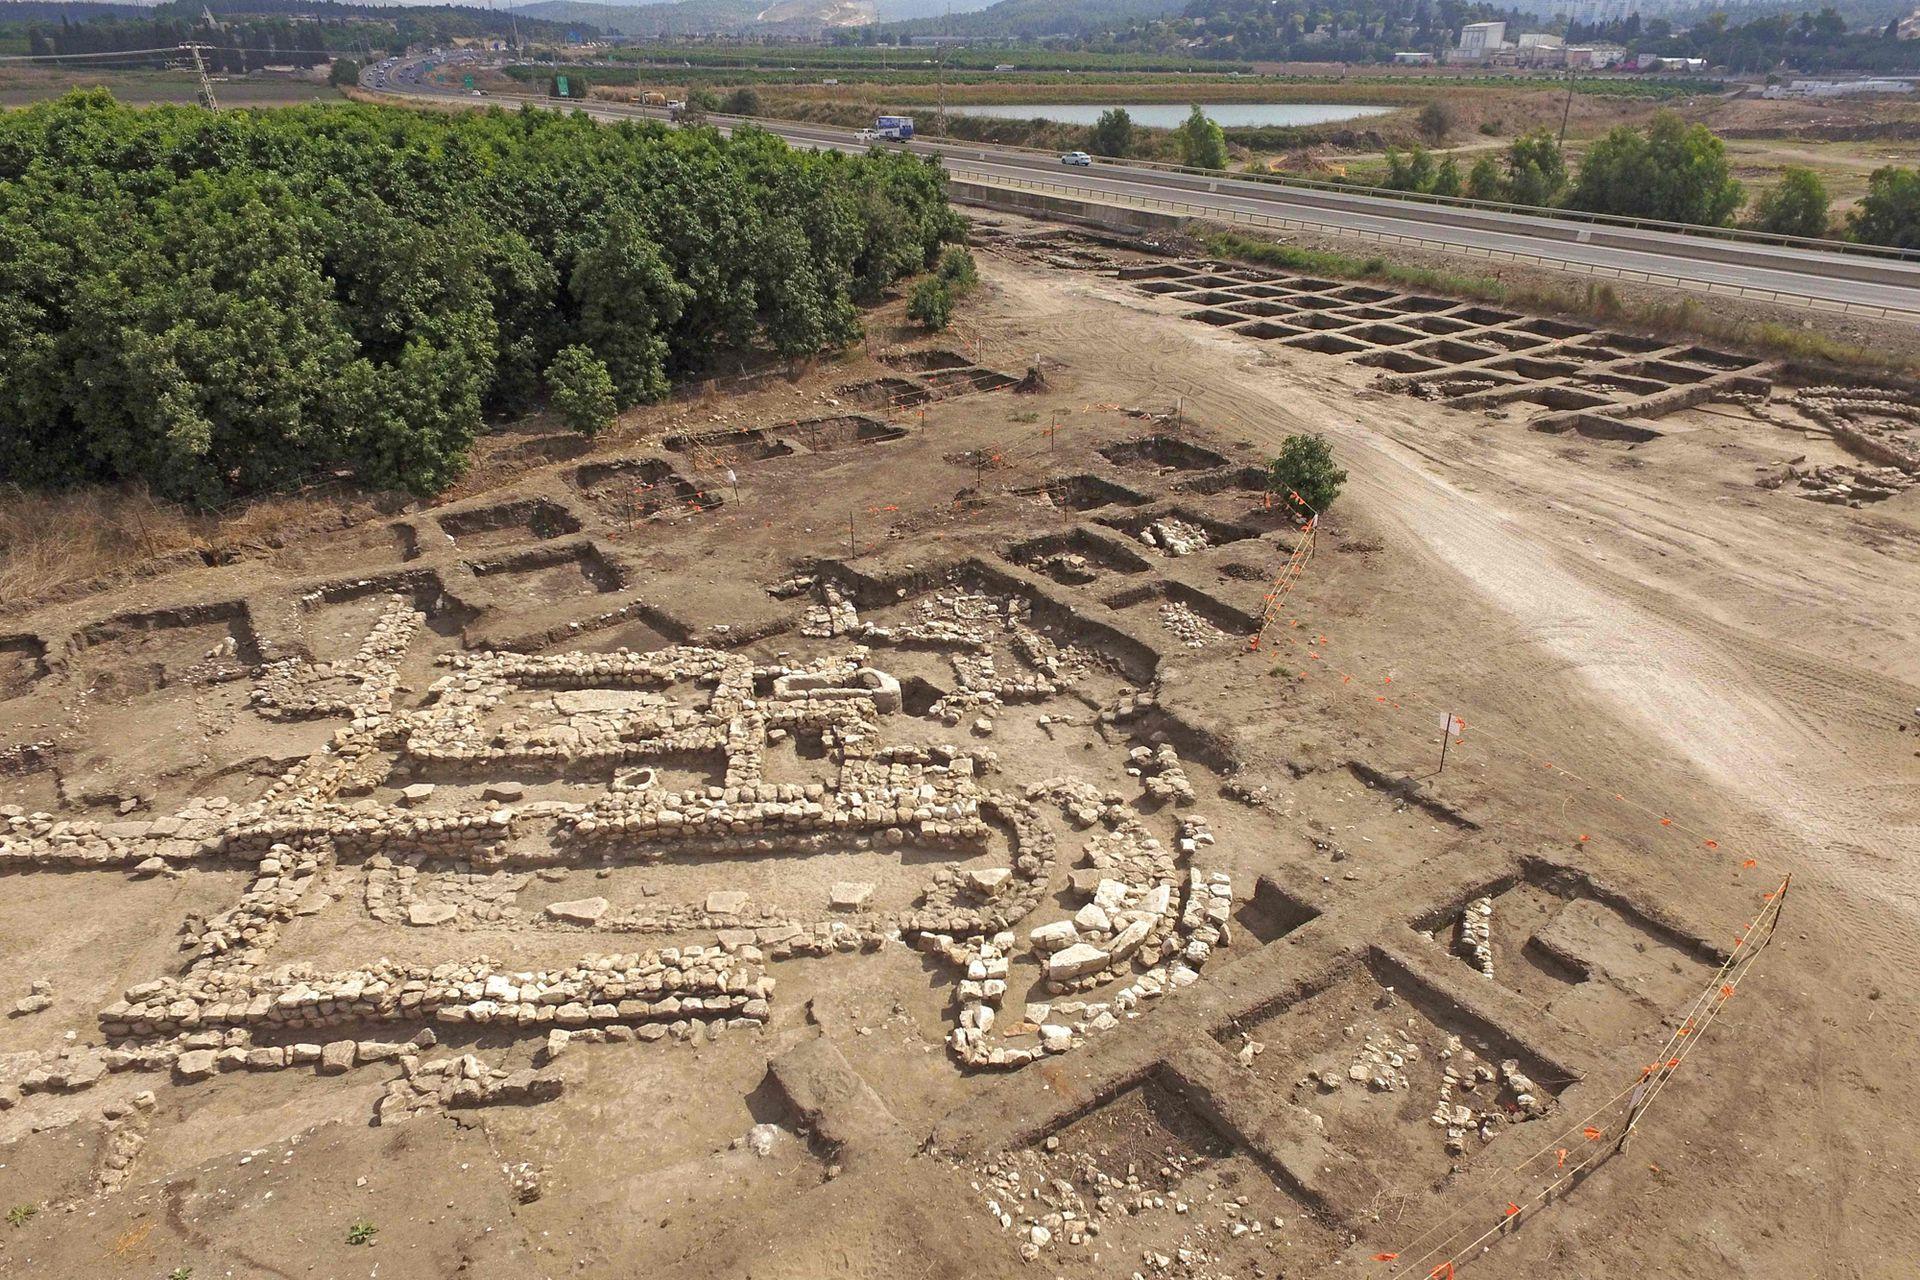 Se hallaron fortificaciones de unos veinte metros de largo y dos de alto, explica Dina Shalem, otra arqueóloga